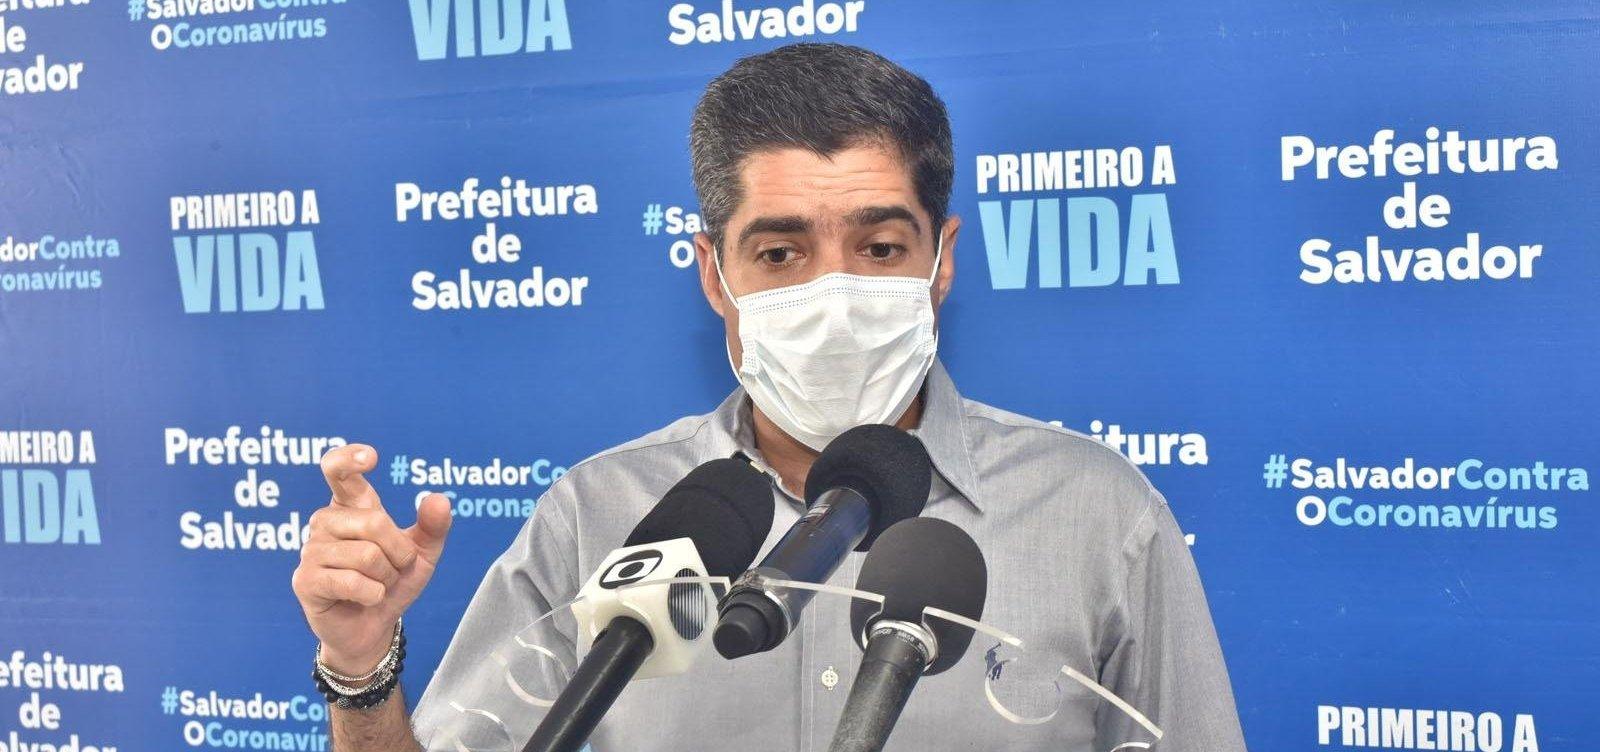 Salvador: Prefeitura confirma reabertura de clubes para atividades físicas